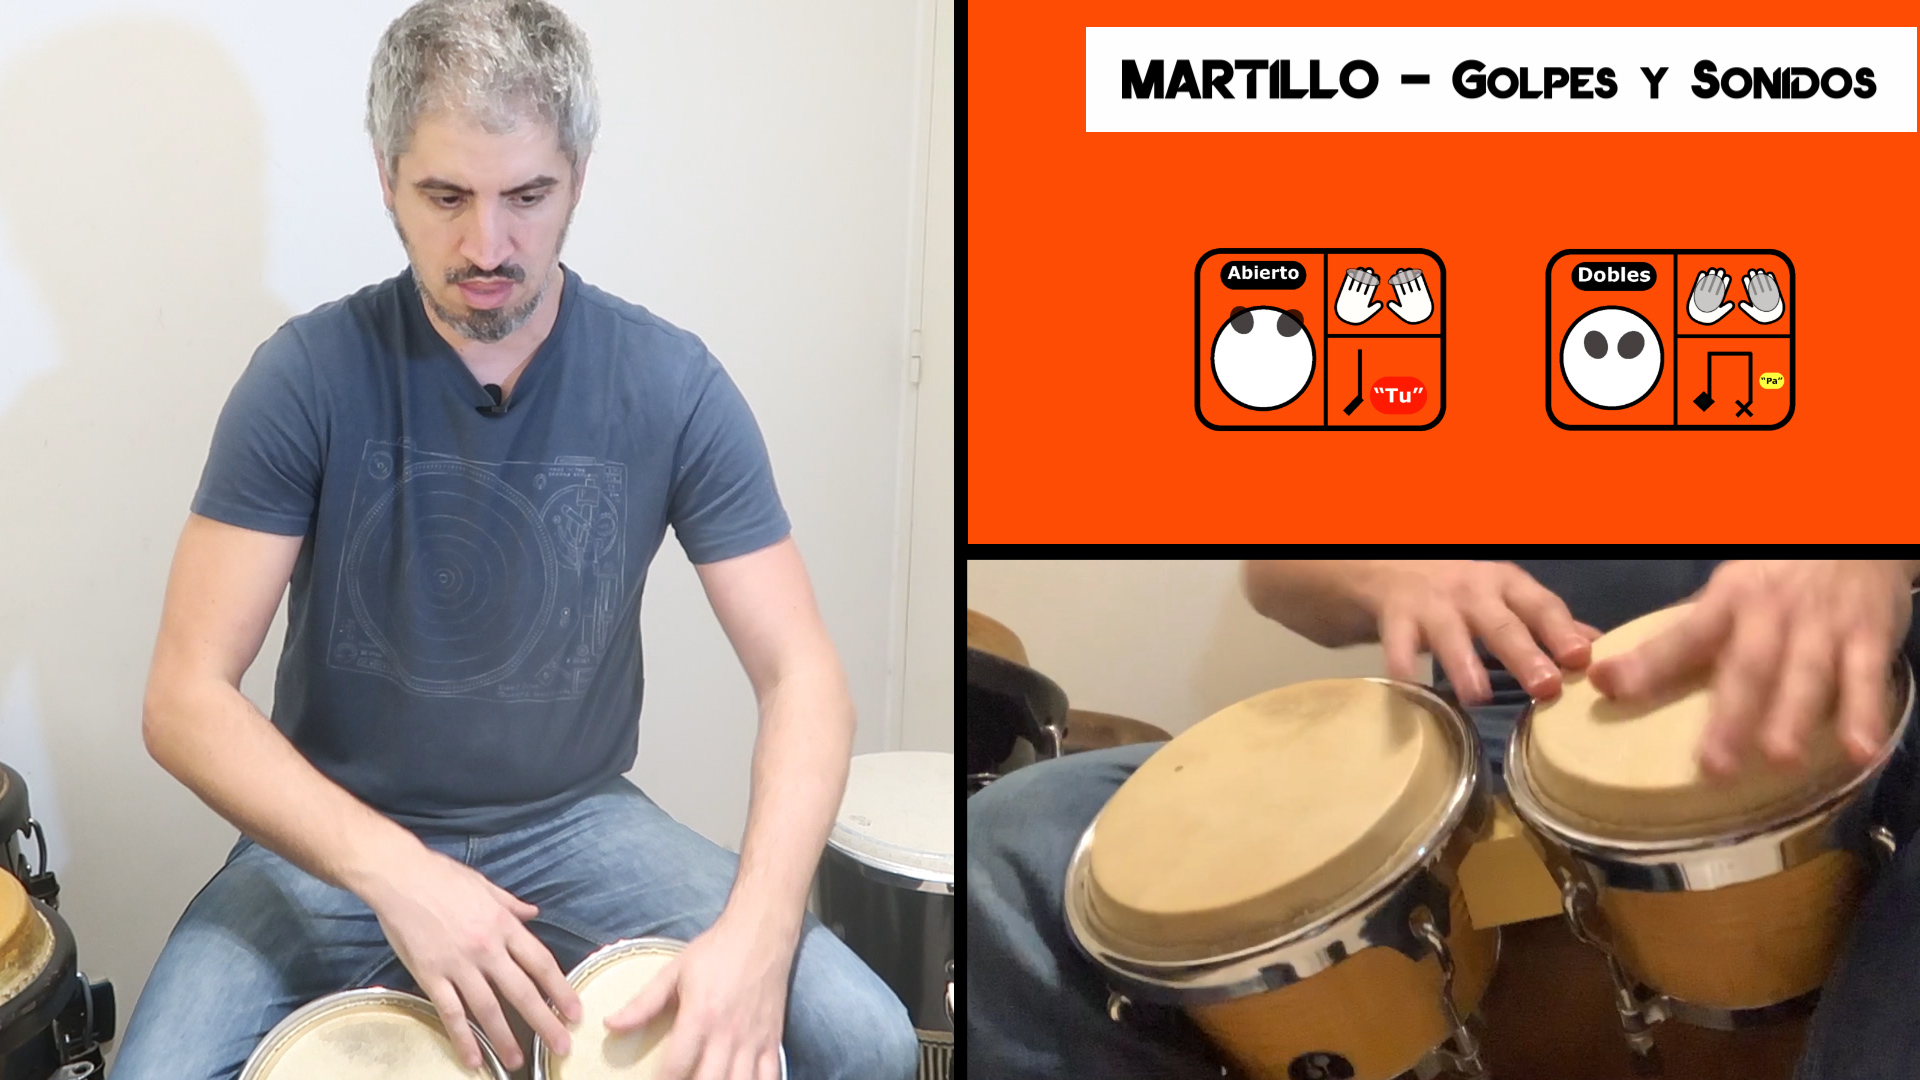 Tocar-Percusion-Cual-es-el-mejor-instrumento-para-empezar-a-aprender-a-tocar-percusion-1